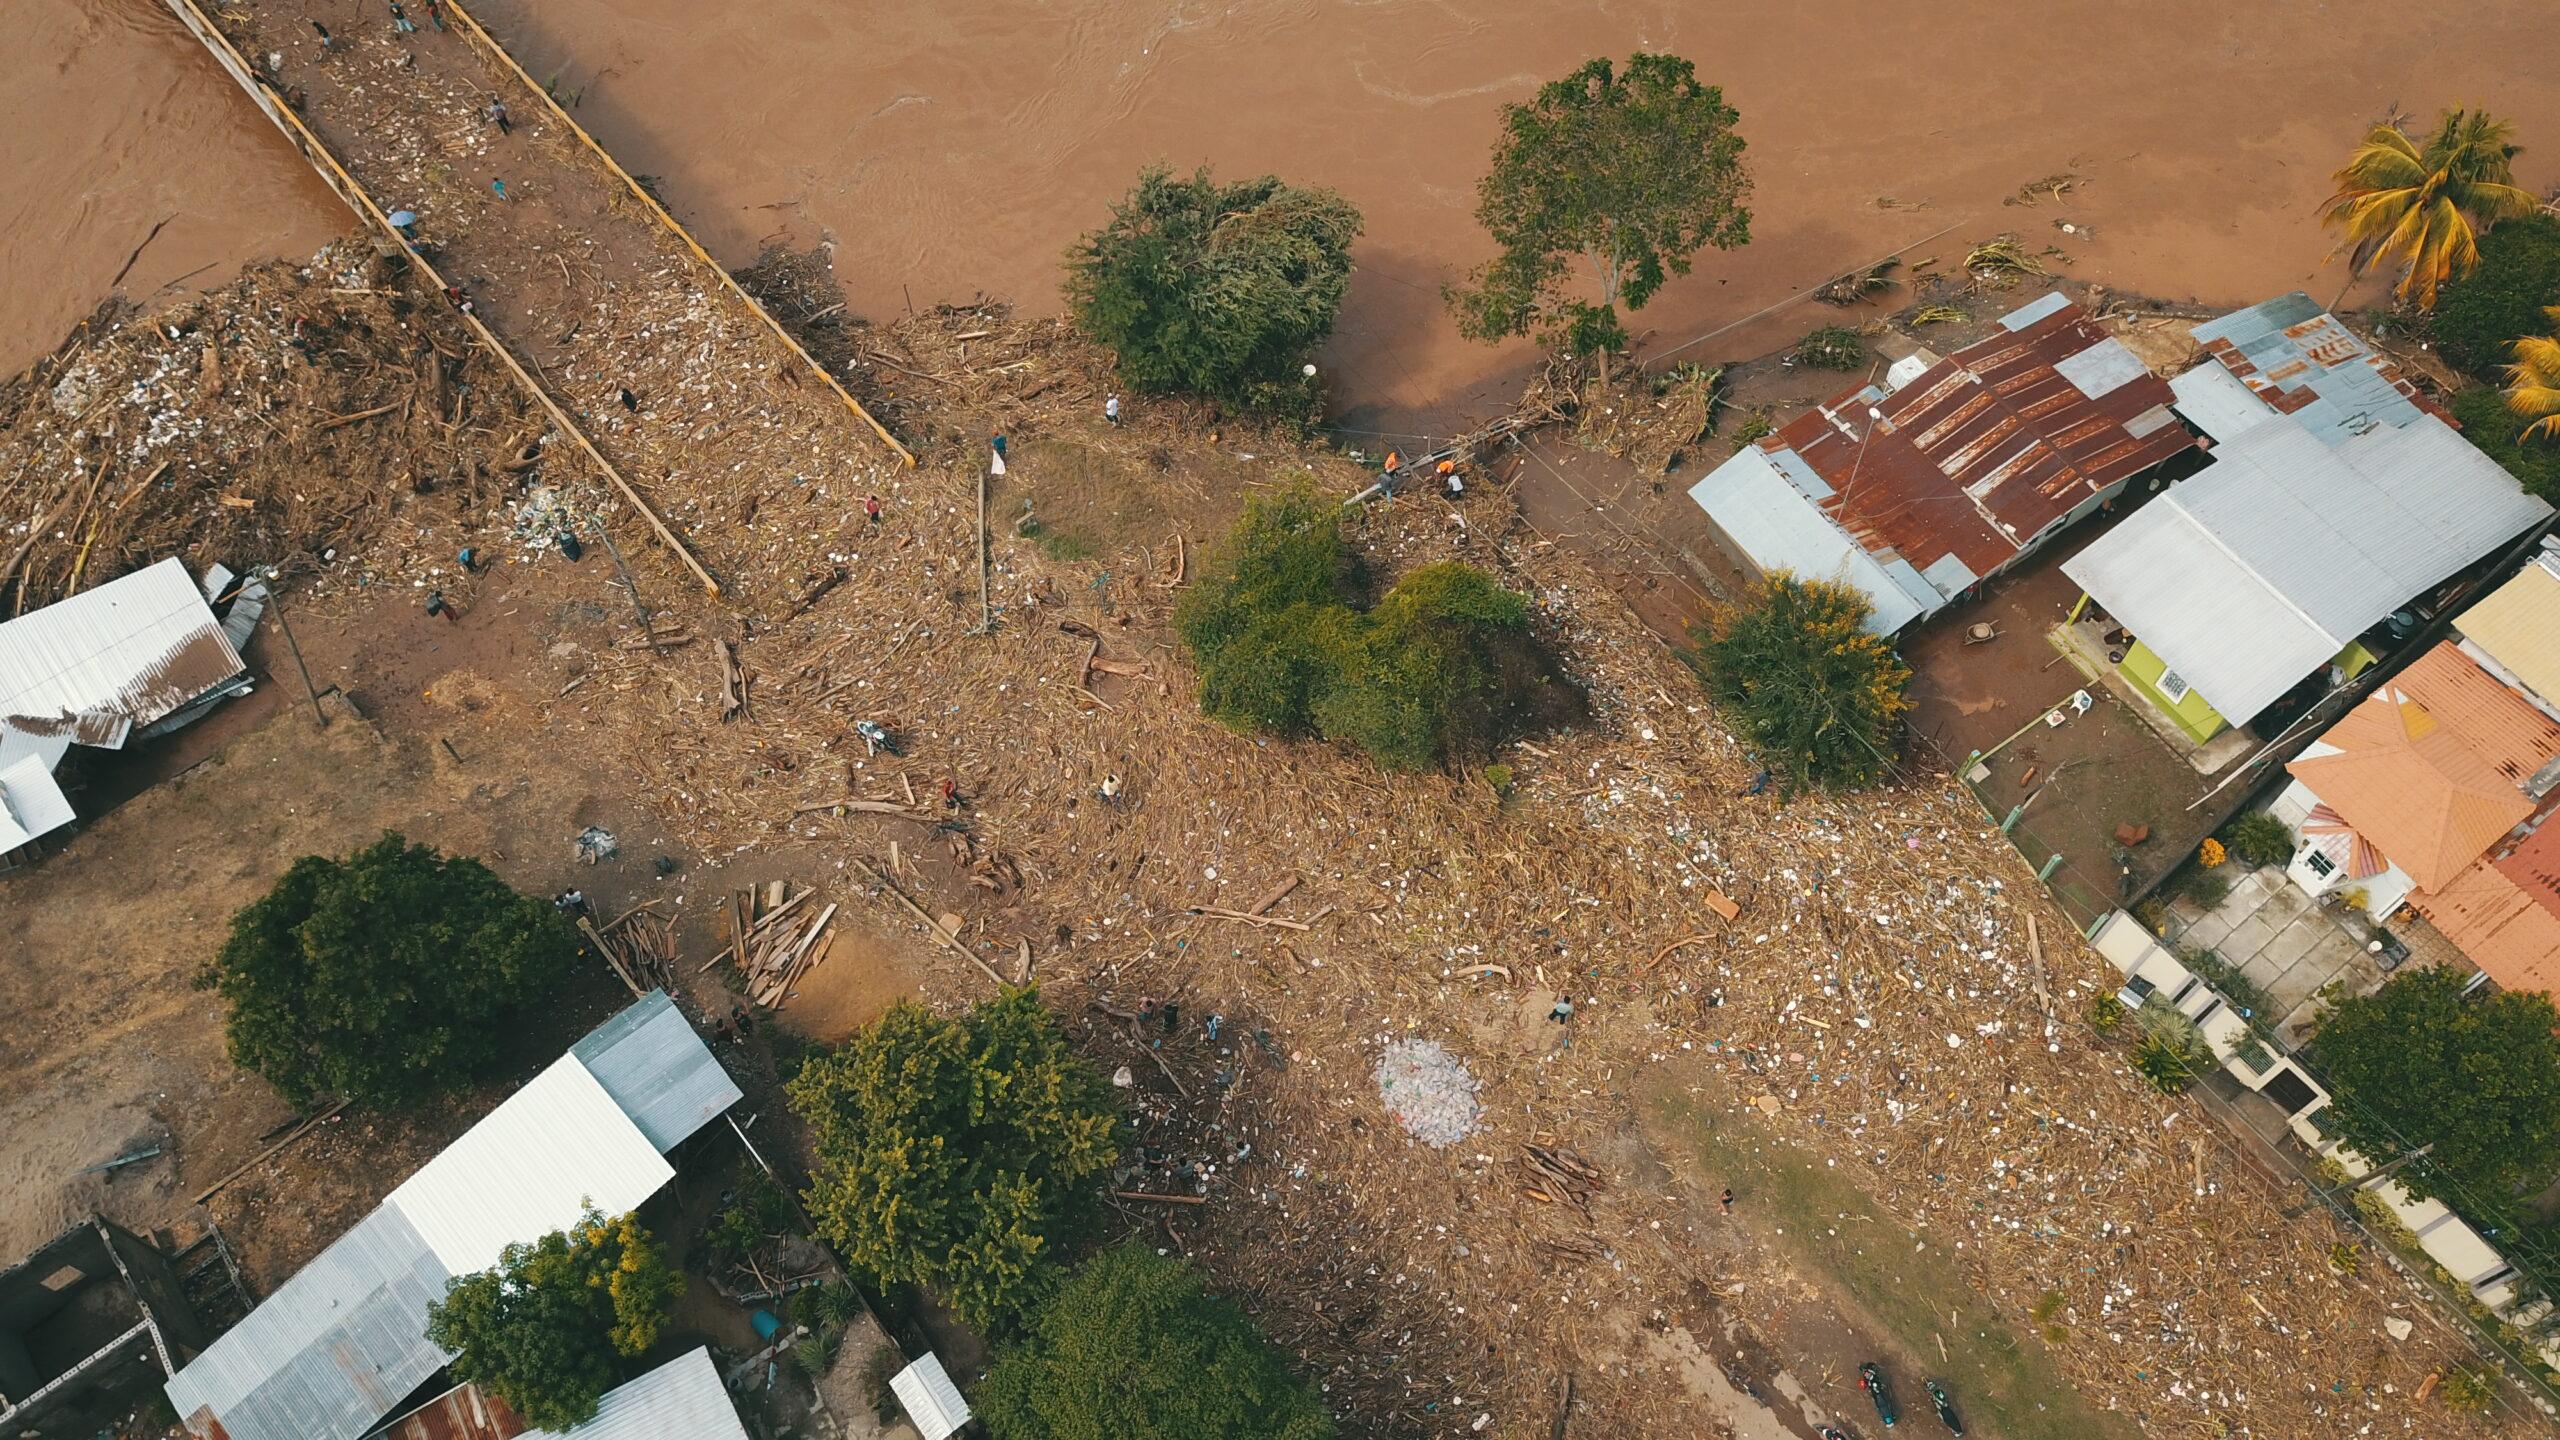 Huracán Eta & Iota Consecuencias y Respuesta Humanitaria en Fotos